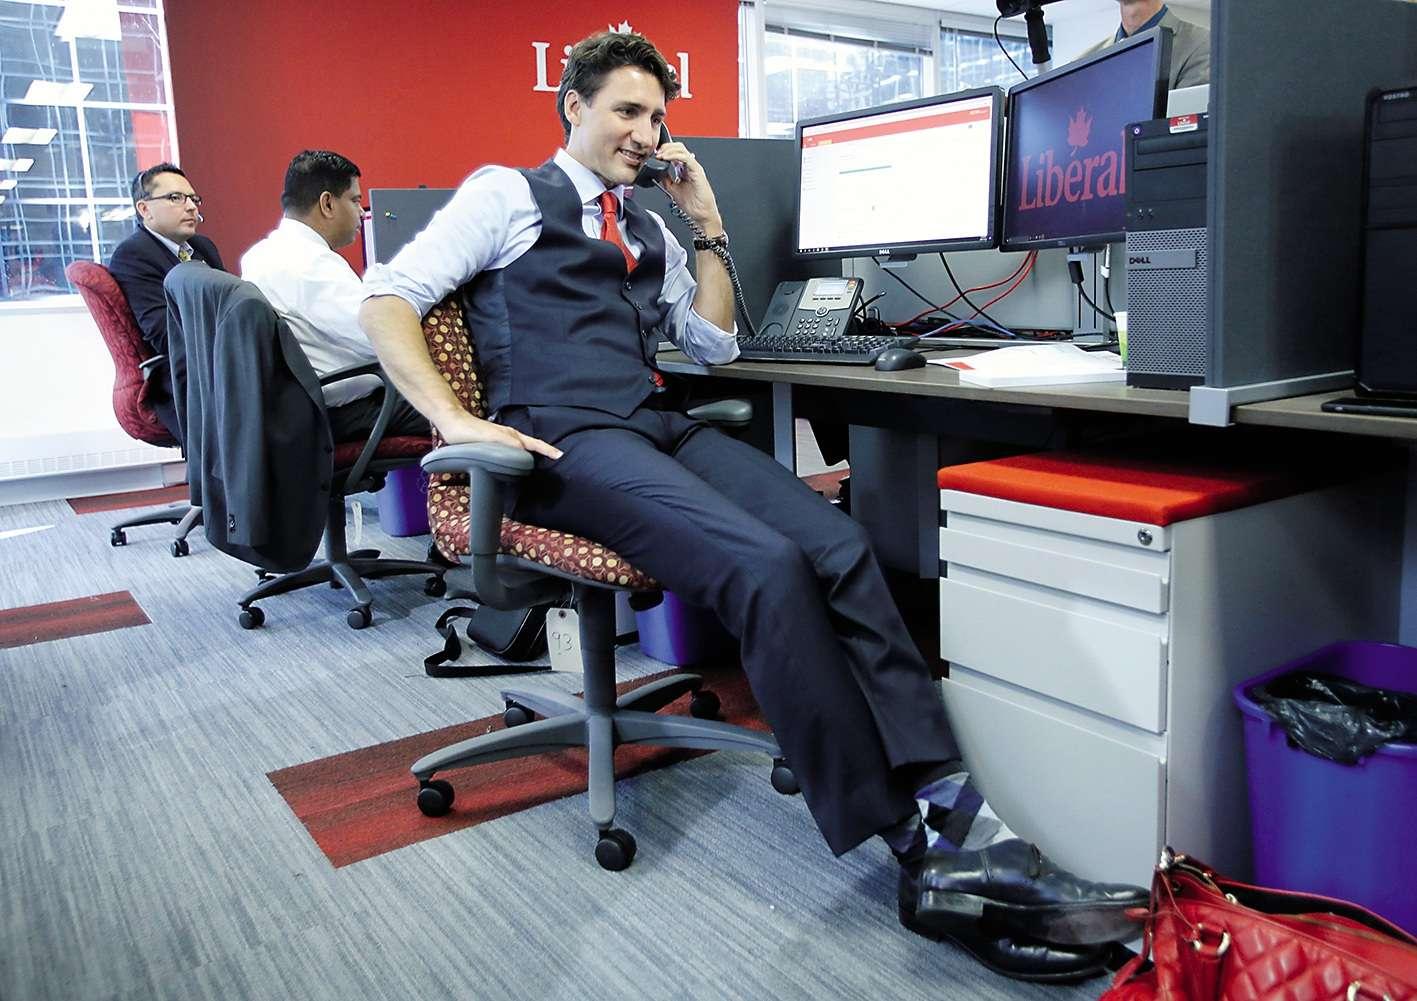 Trois mois ont passé, Justin Trudeau ne prépare plus de pancakes mais il fait toujours de la com. Au bureau du Parti libéral, le premier ministre appelle lui-même des bénévoles pour les remercier de leur implication dans sa campagne victorieuse de 2015. L'occasion pour lui de dévoiler des chaussettes «argyle», un motif à losanges inspiré du tartan écossais du Clan Campbell, inventé au XVIIe siècle et presque aussi désagréable à l'œil que le motif de sa chaise à roulettes. Ce qui n'est quand même pas rien.